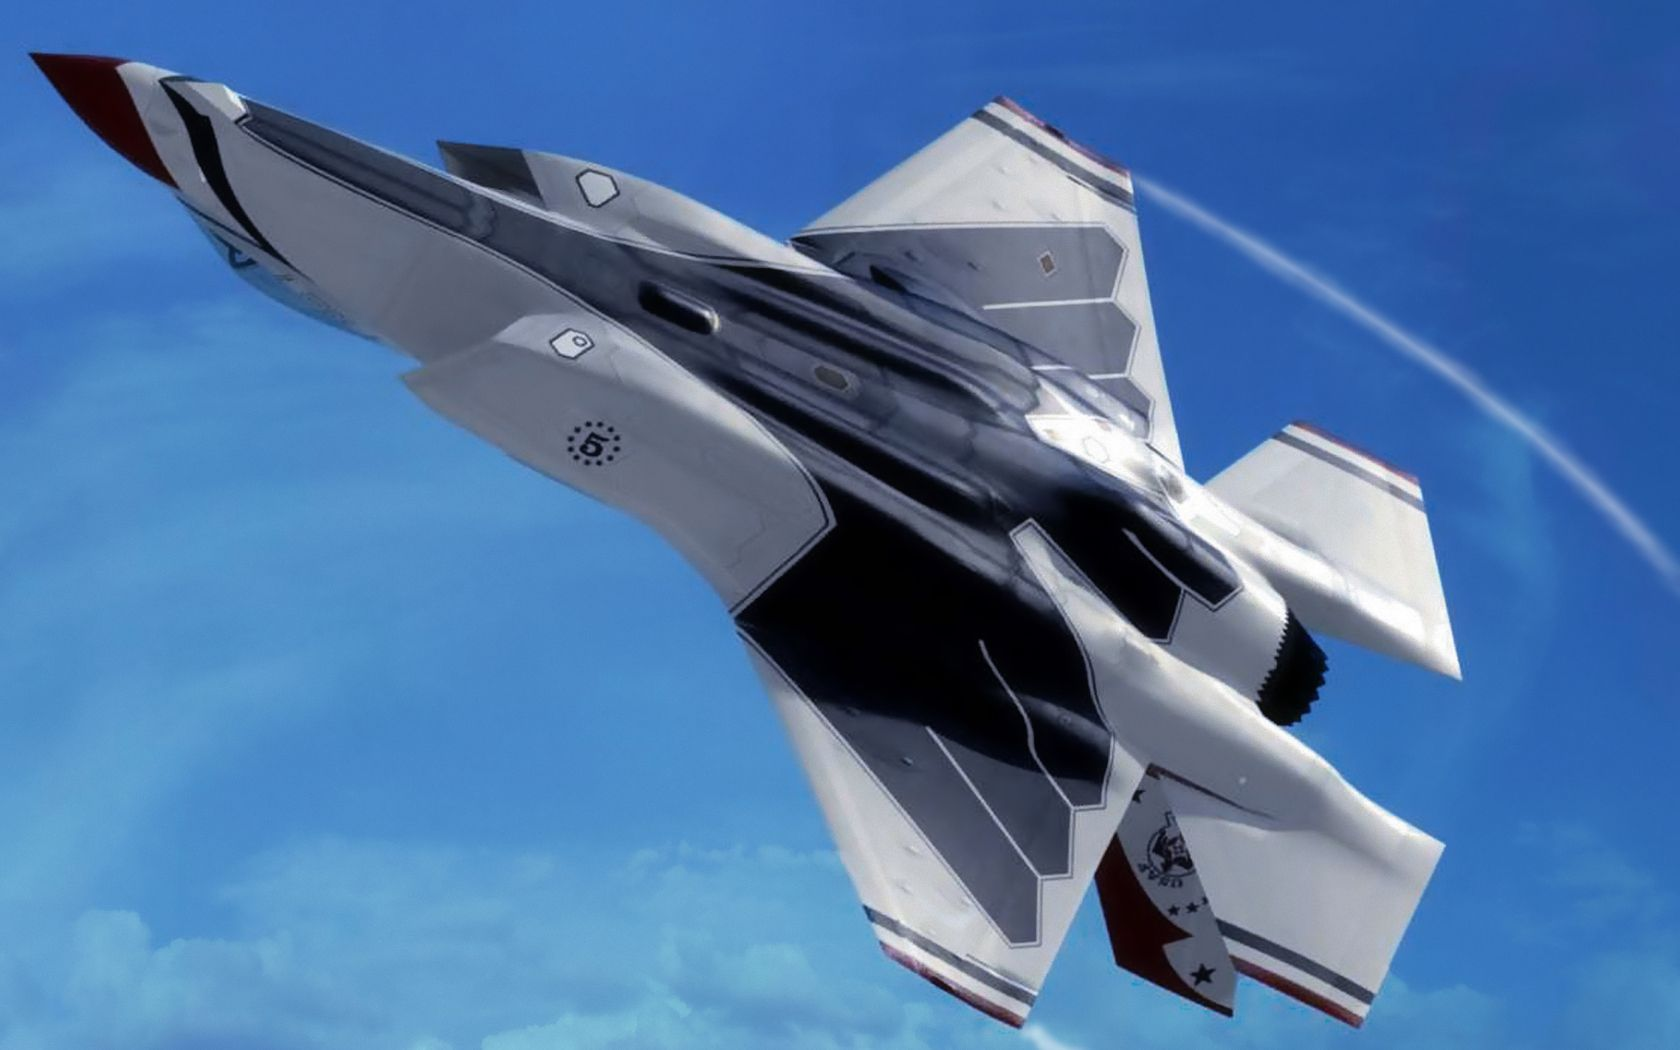 F-35 Lightning II vs F-22 Raptor | 35 Thunderbird (Lockheed Martin F